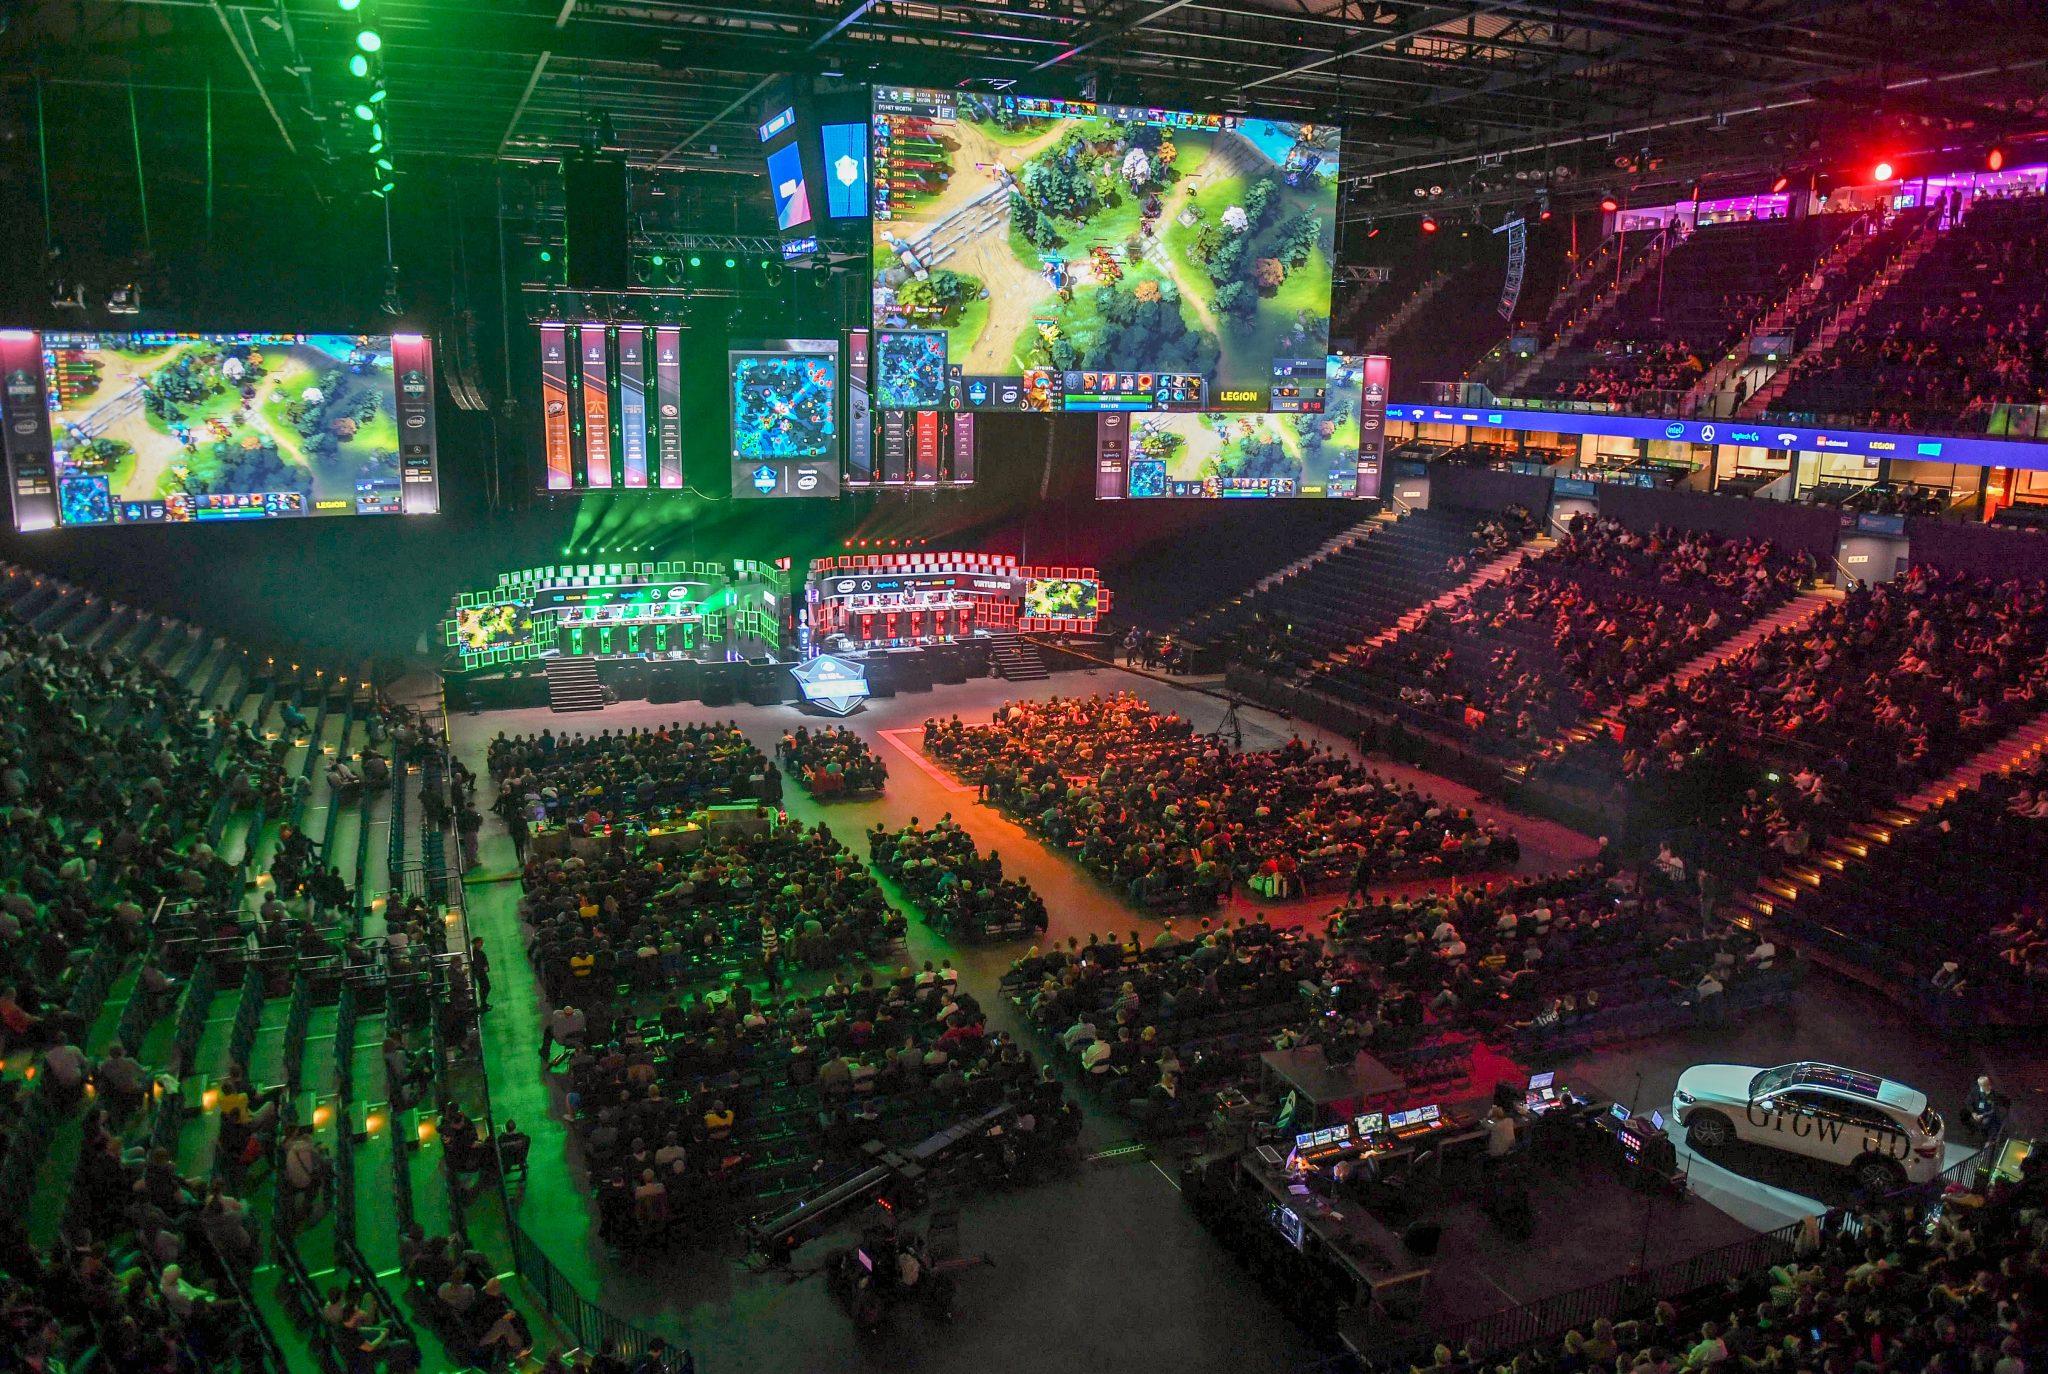 Ka-ching! Wereldkampioenschap Dota 2 komt met grootste prijzenpot ooit   Sportnieuws - Sportnieuws.nl